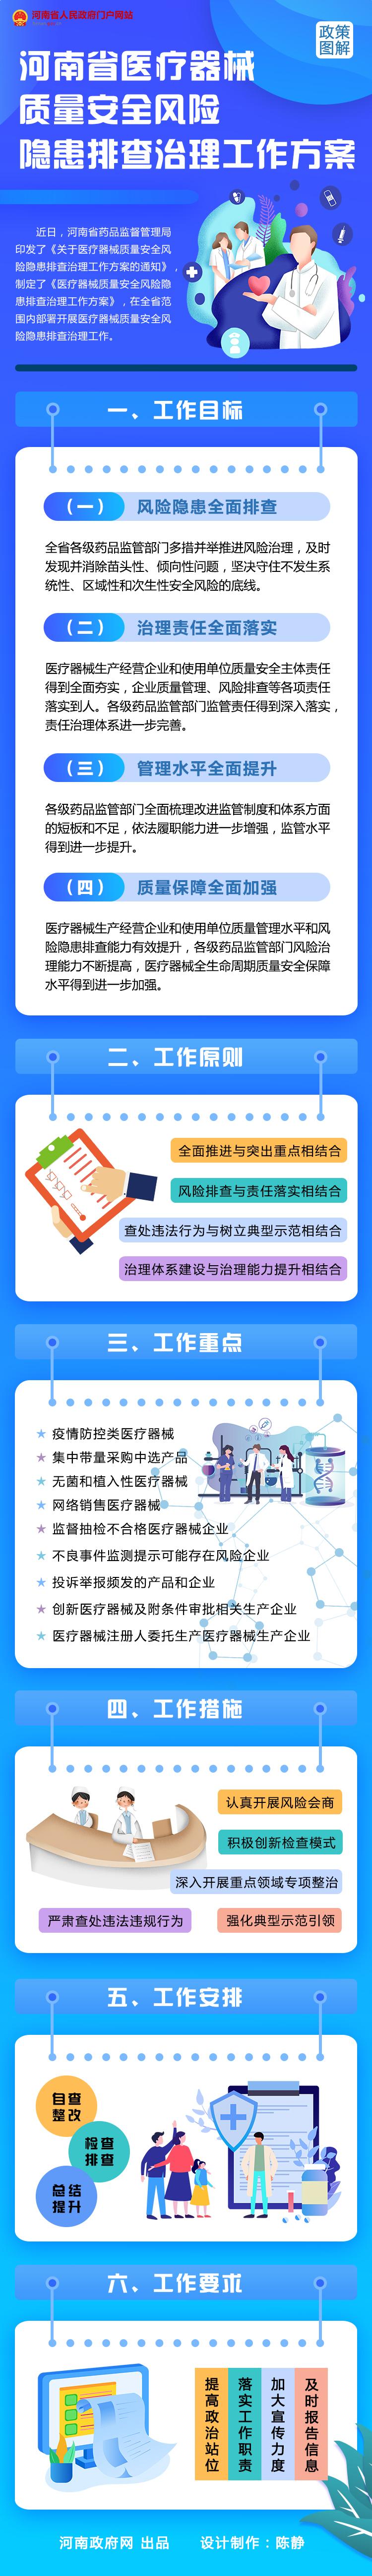 图解:河南省医疗器械质量安全风险隐患排查治理工作方案